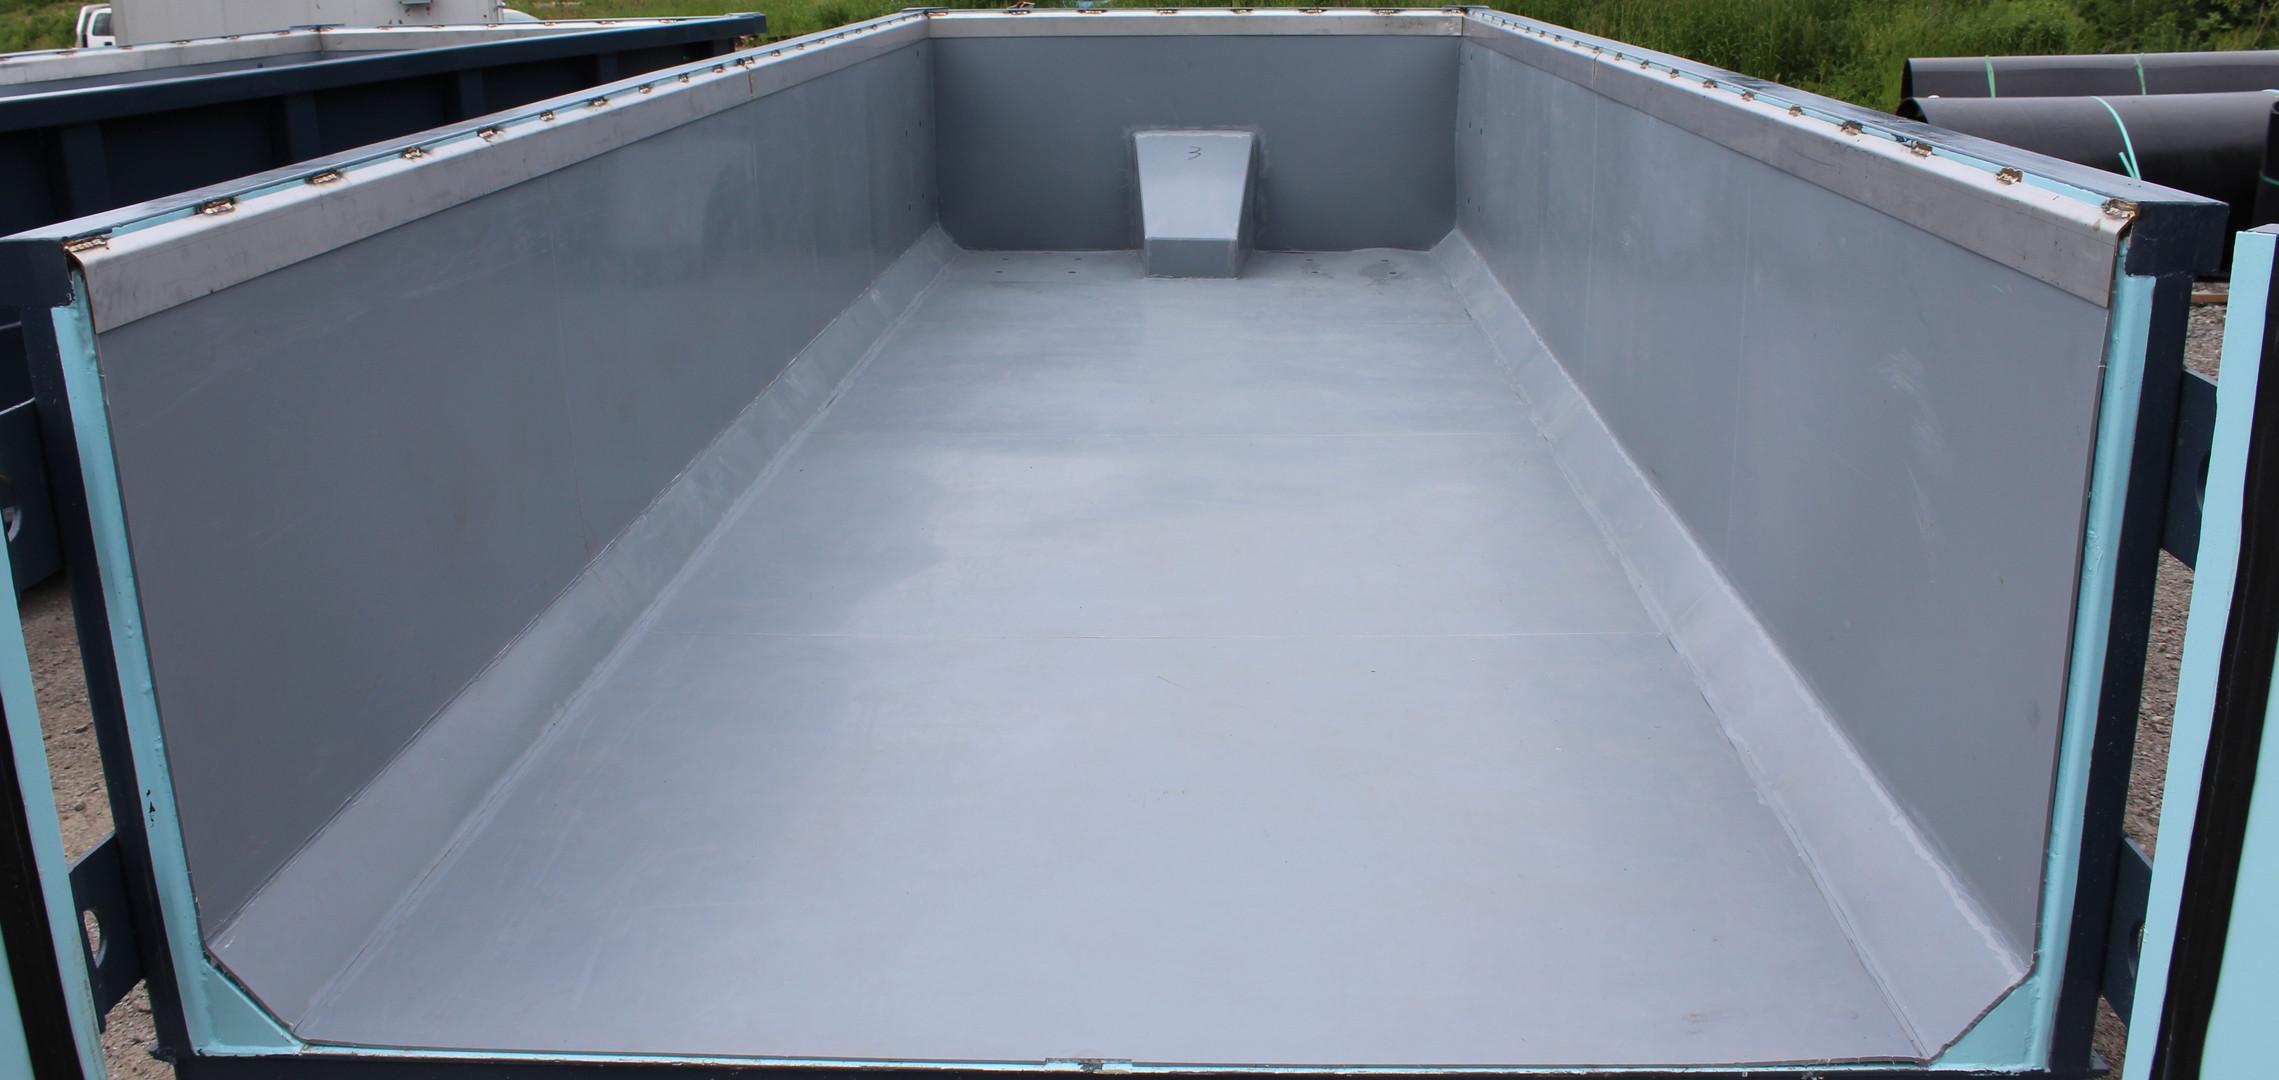 Silverslide box.jpg